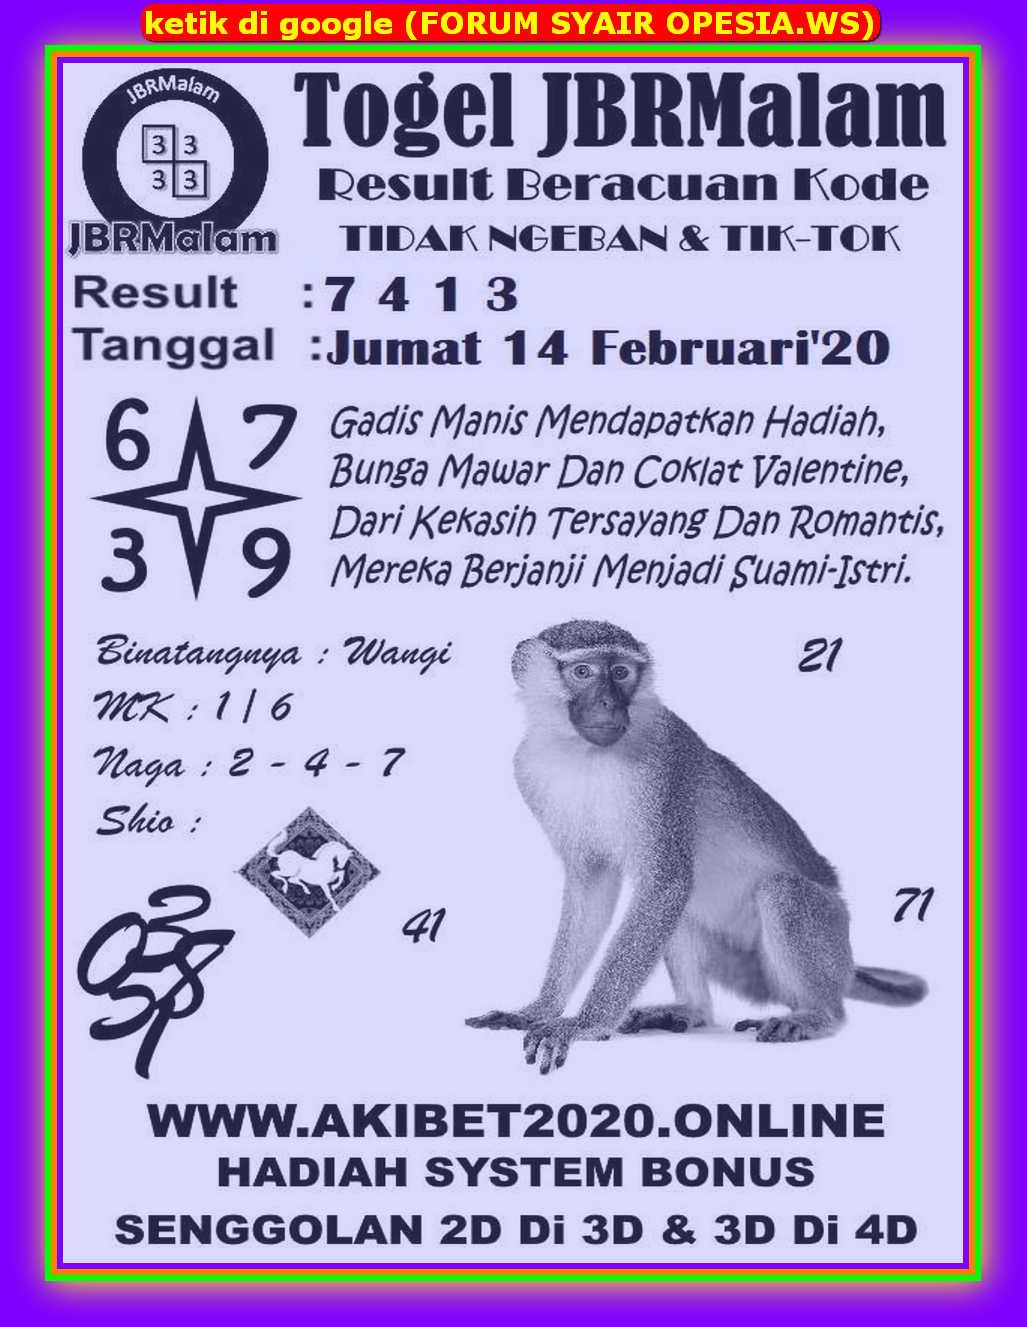 Kode syair Sydney Jumat 14 Februari 2020 63